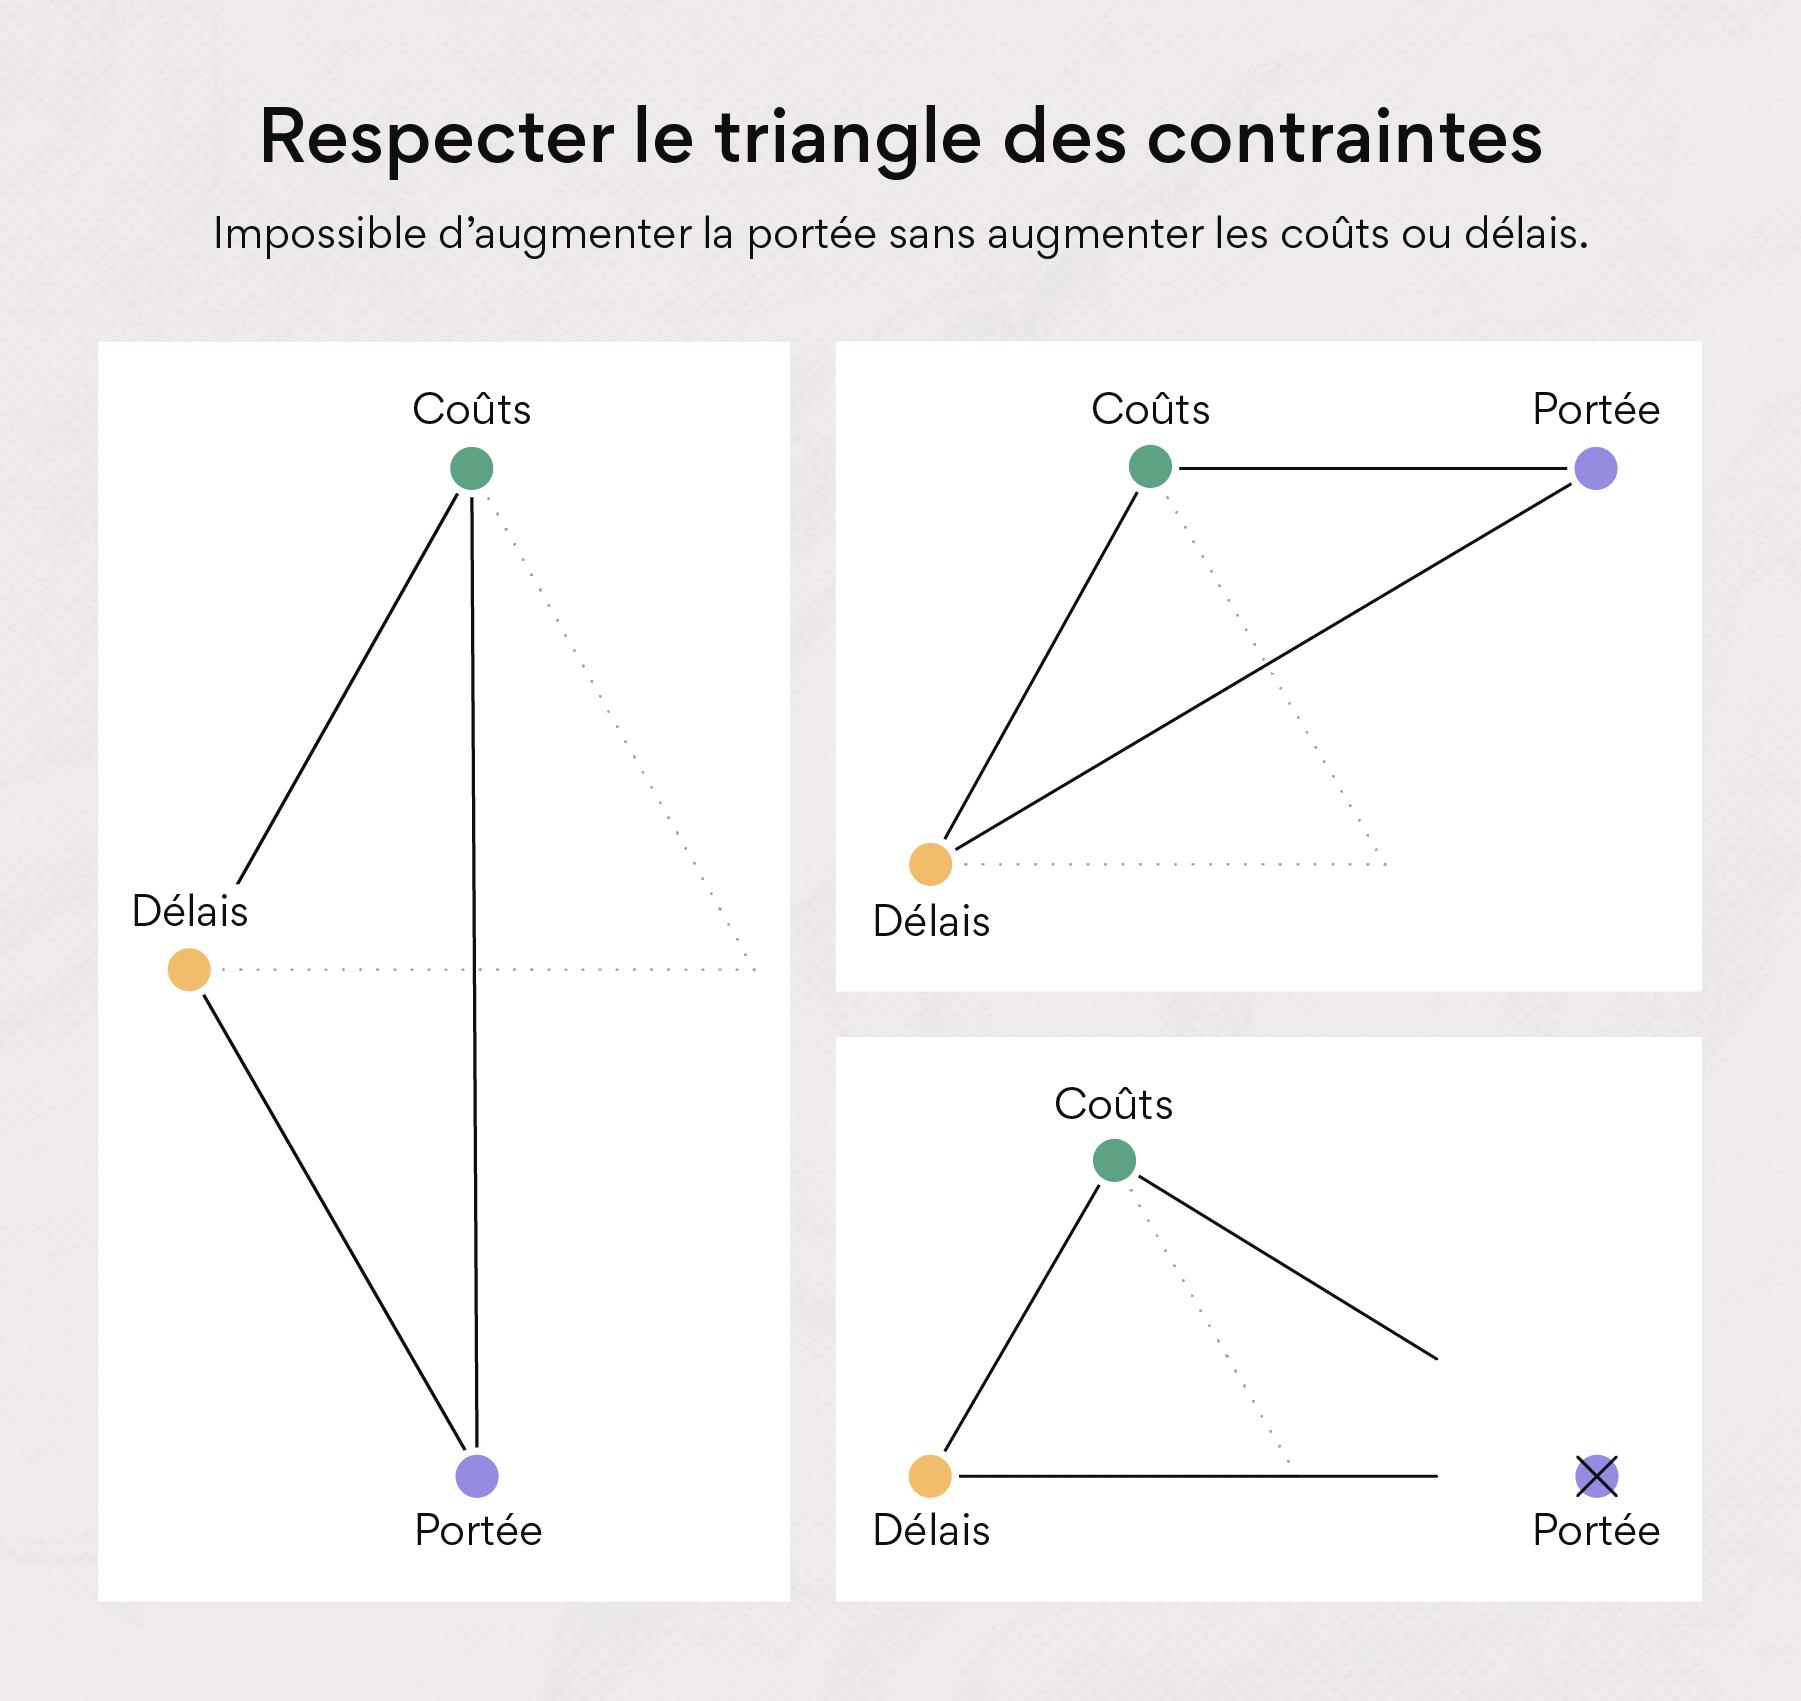 Respecter le triangle des contraintes